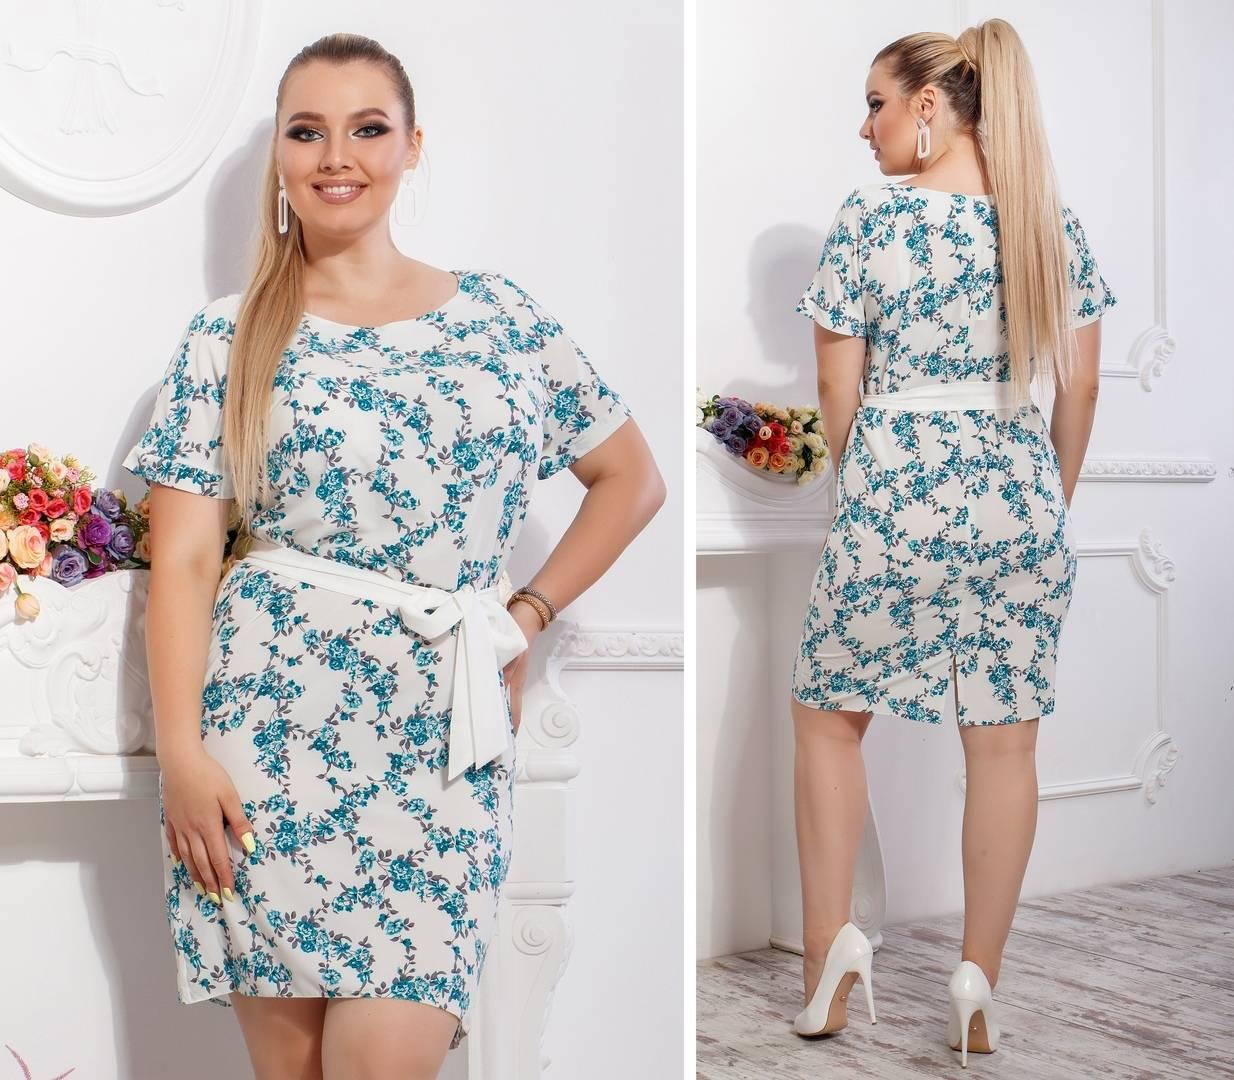 Новинка! Летнее платье с поясом ( арт. 110 ), ткань супер софт, принт голубая веточка на белом